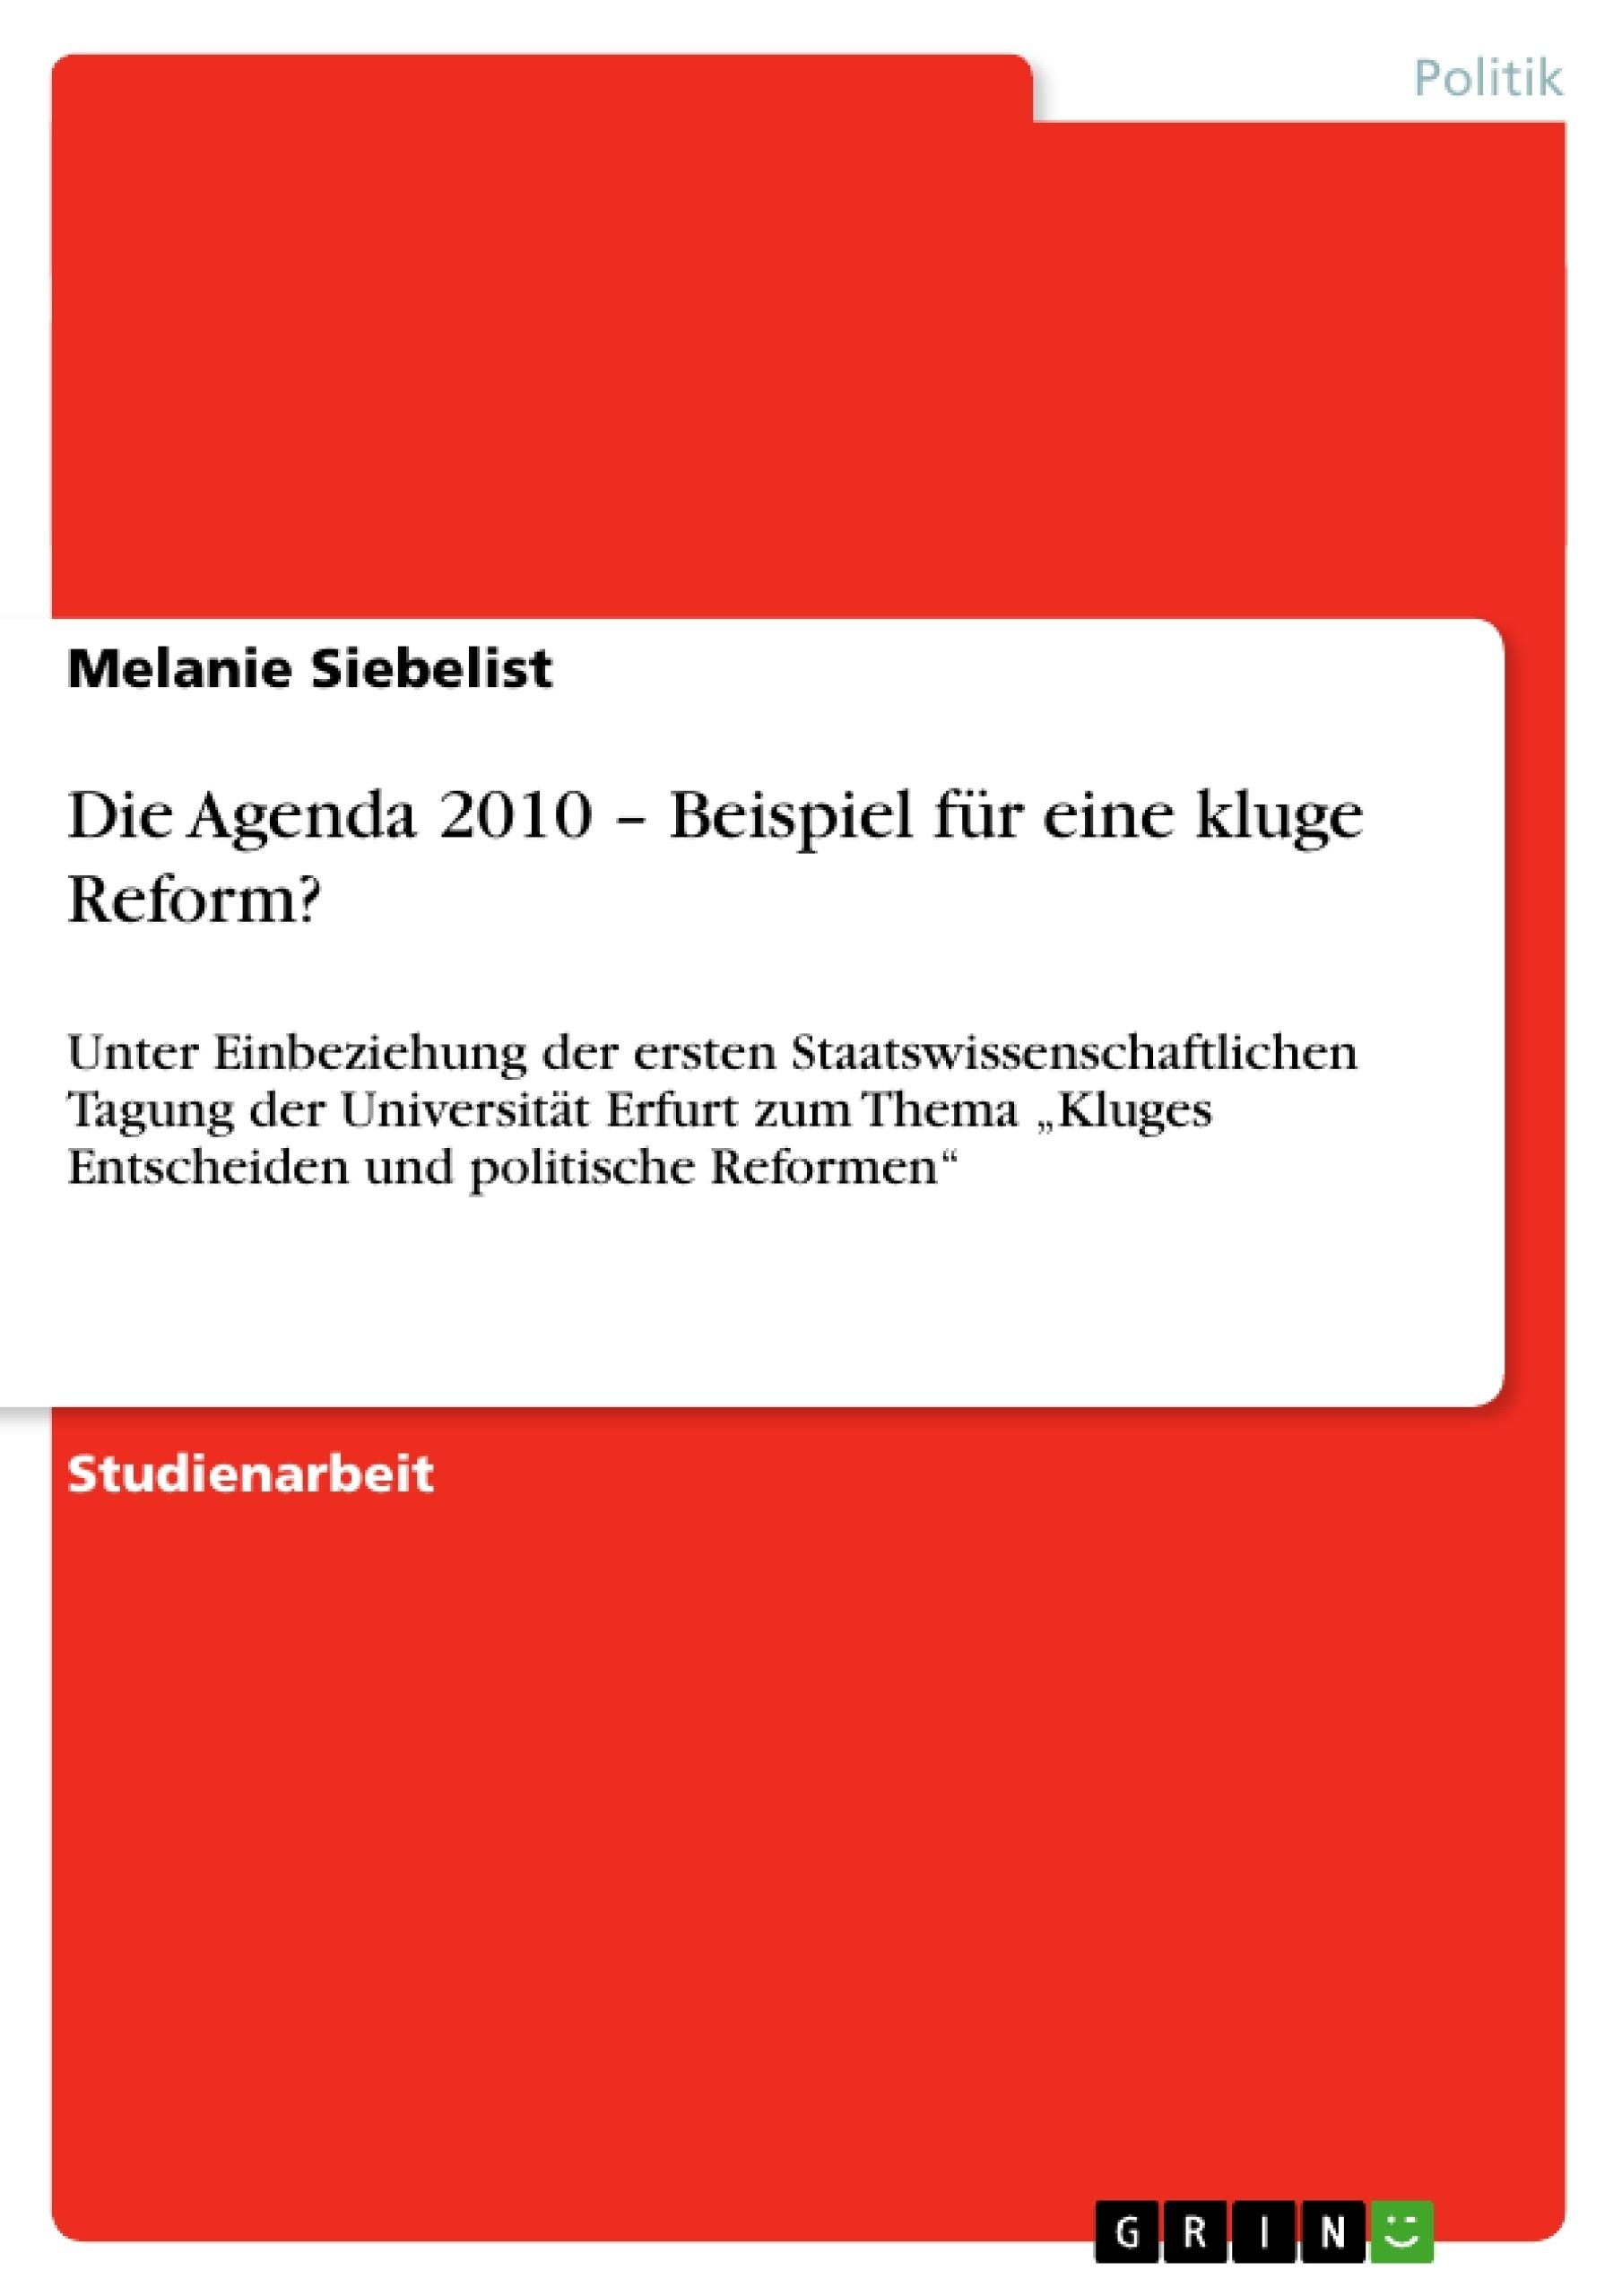 Die Agenda 2010 – Beispiel für eine kluge Reform?   Masterarbeit ...